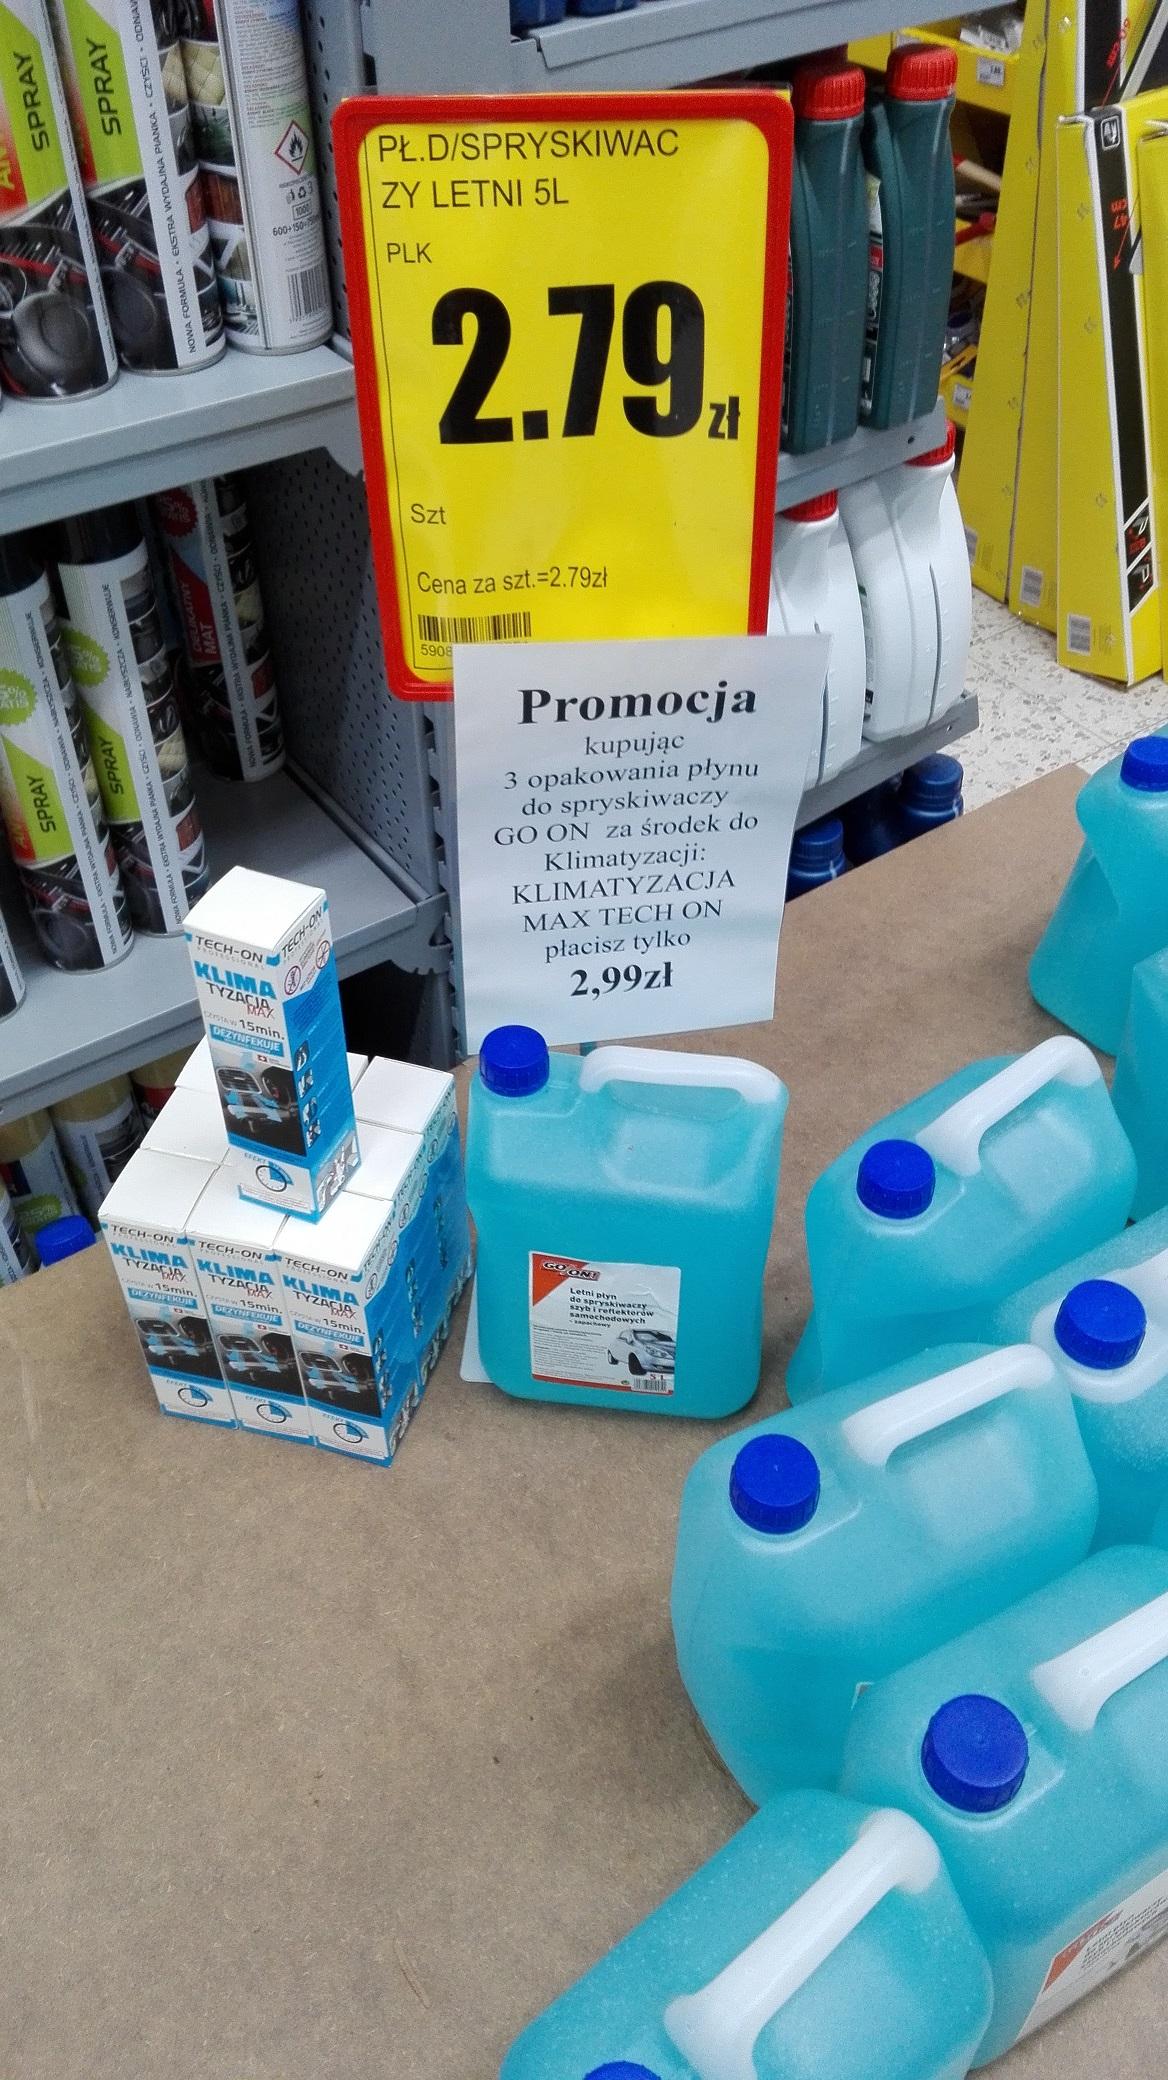 Płyn do spryskiwaczy letni + środek do klimatyzacji Bricomarche